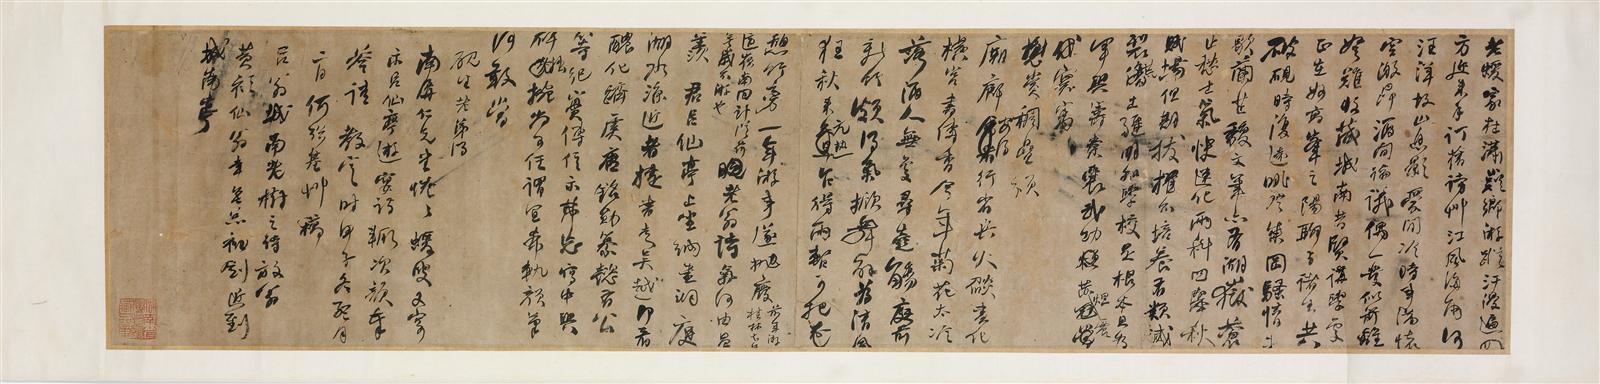 何绍基《诗稿横披》纸本行书 湖南省博物馆藏